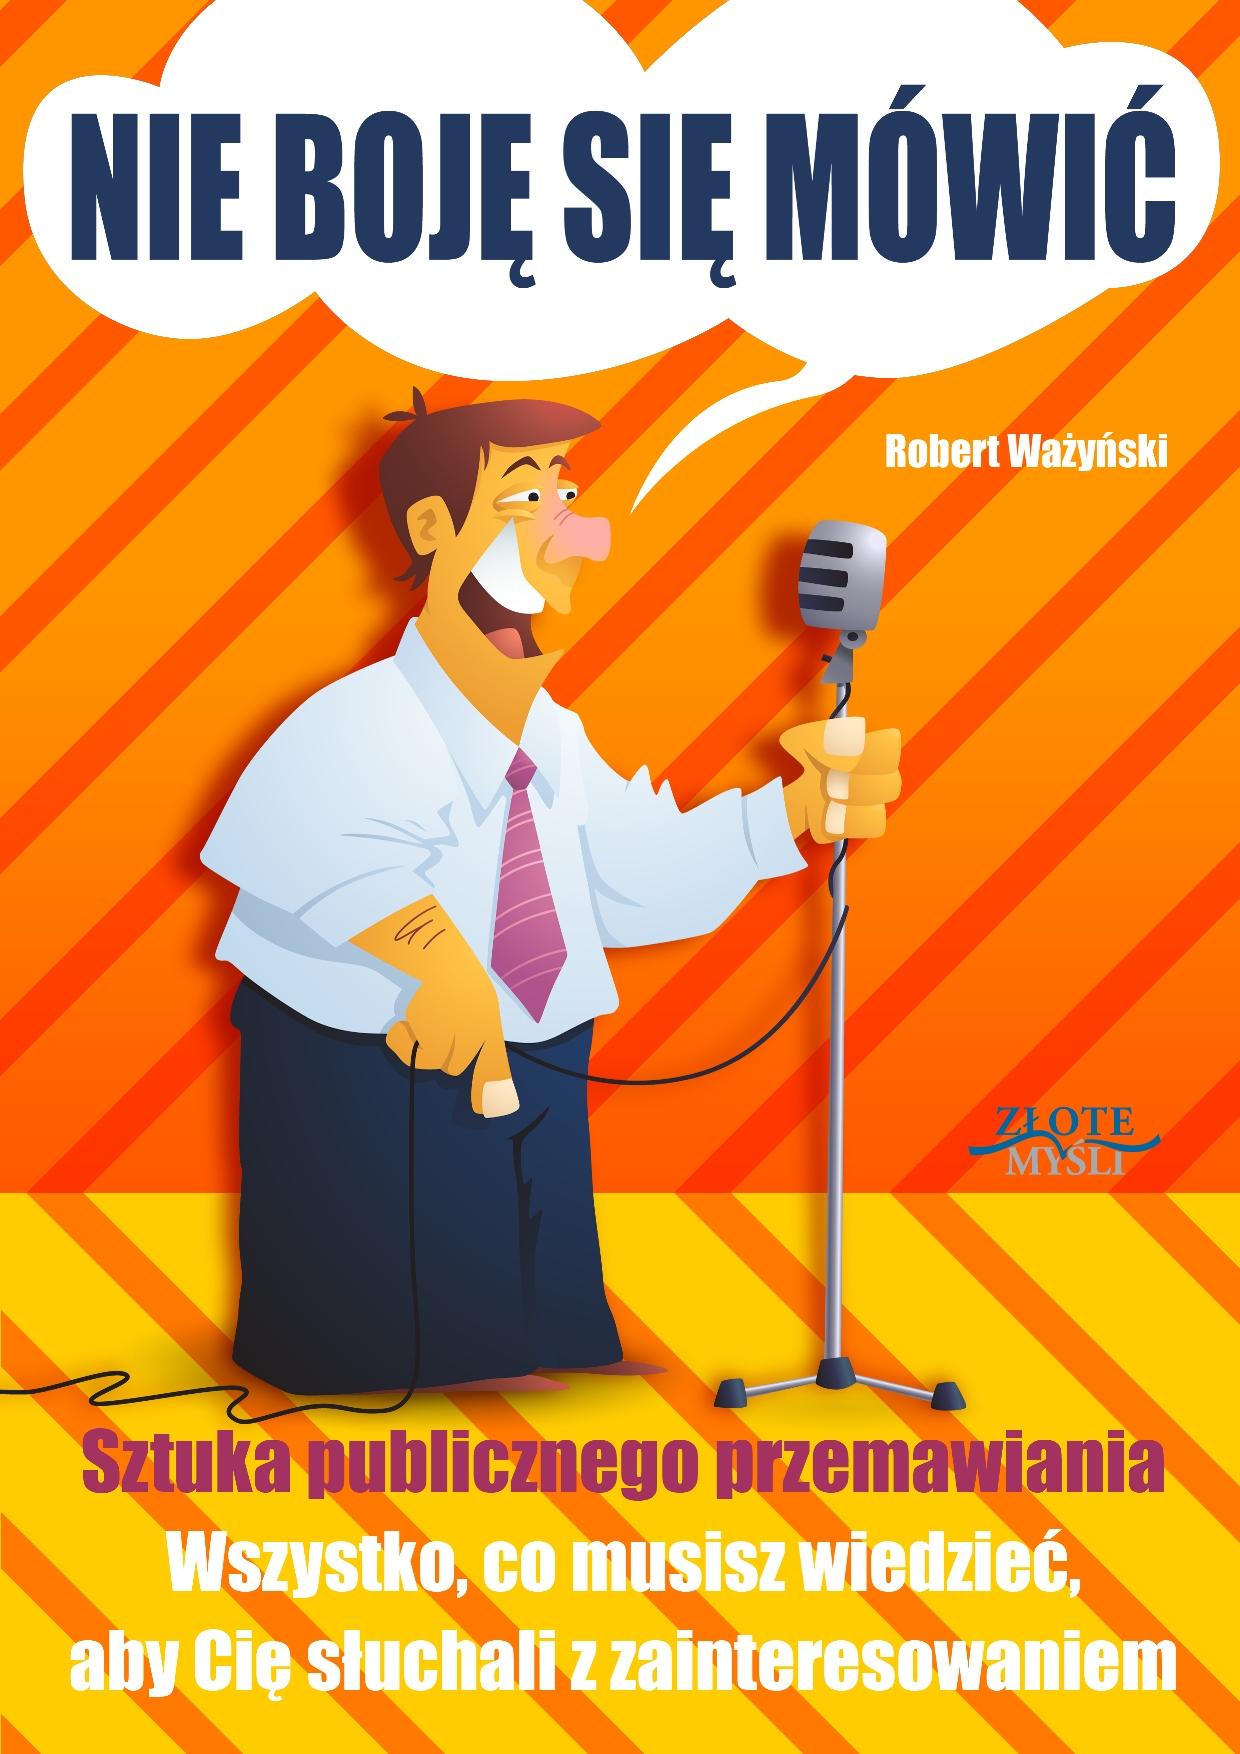 Robert Ważyński: Nie boję się mówić! - okładka